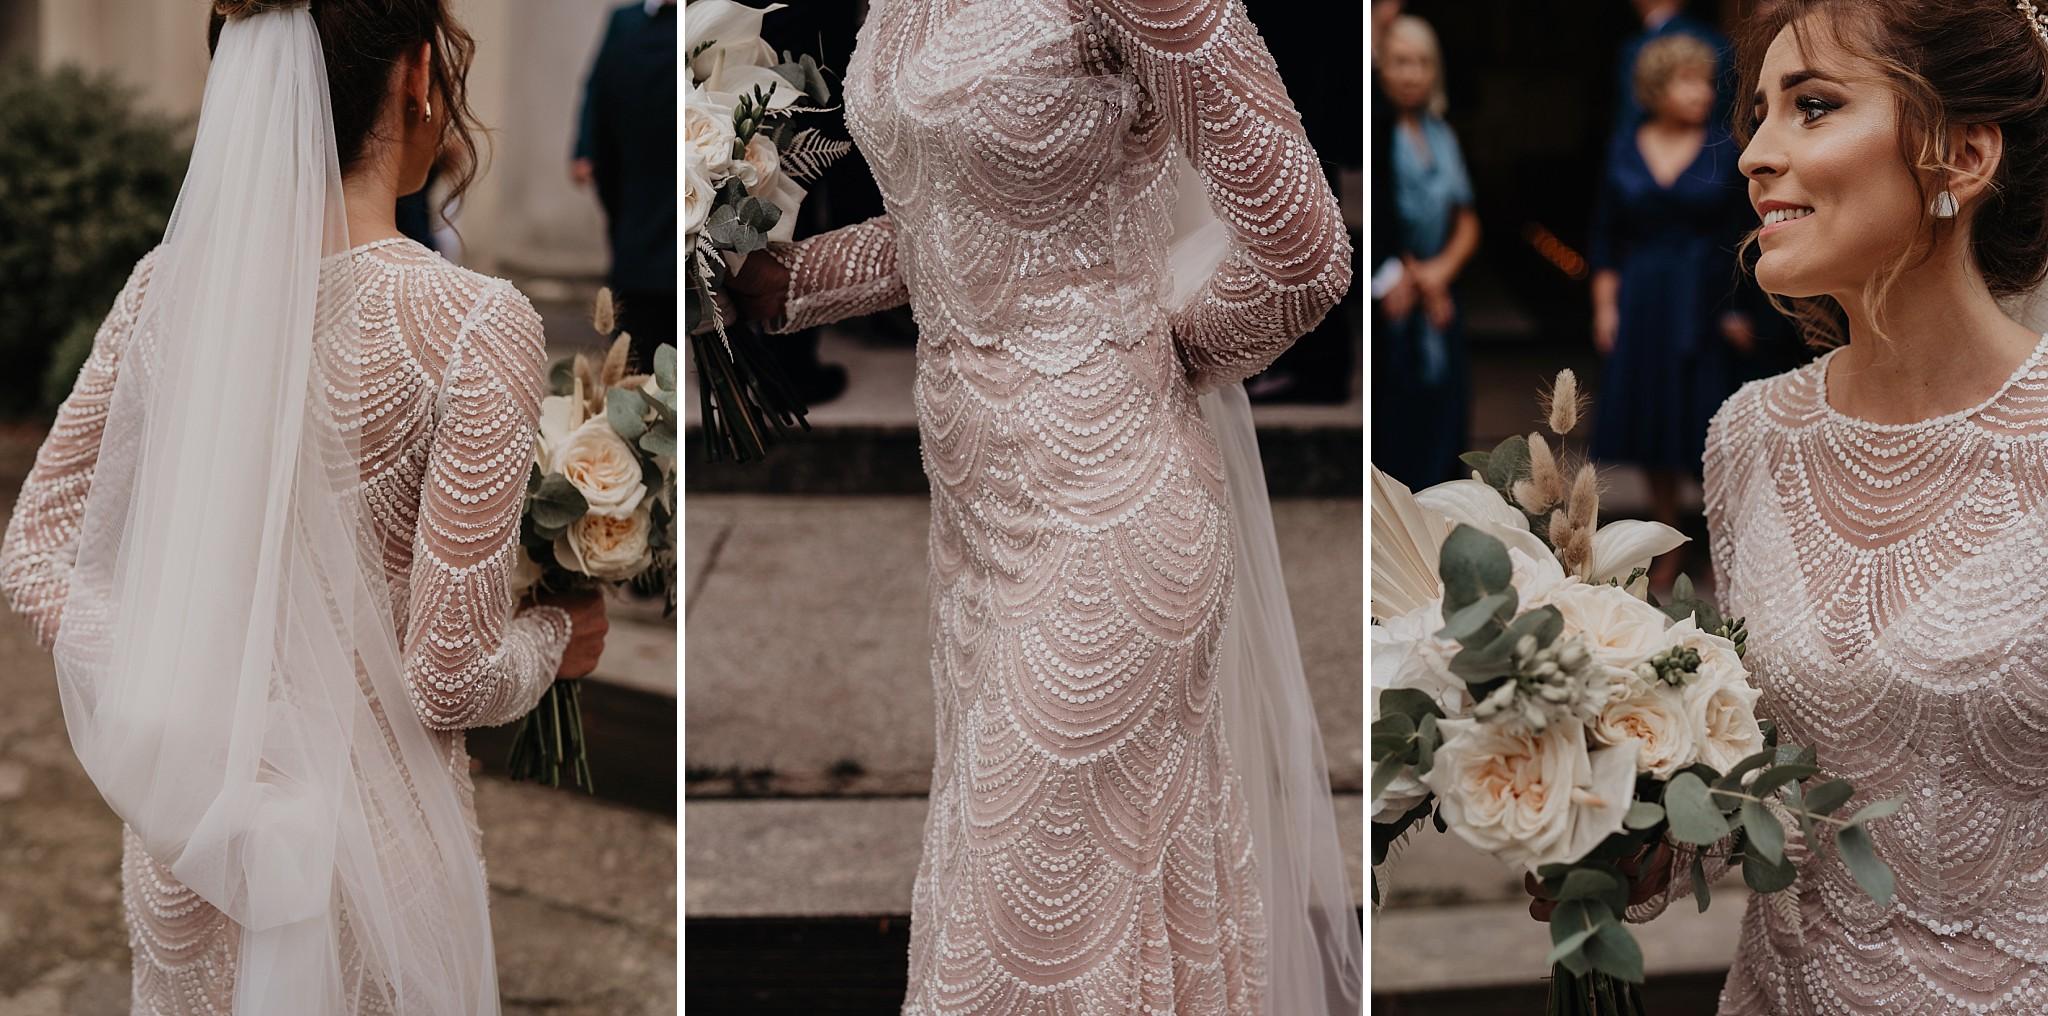 fotograf poznan wesele dobra truskawka piekne wesele pod poznaniem wesele w dobrej truskawce piekna para mloda slub marzen slub koronawirus slub listopad wesele koronawirus 134a